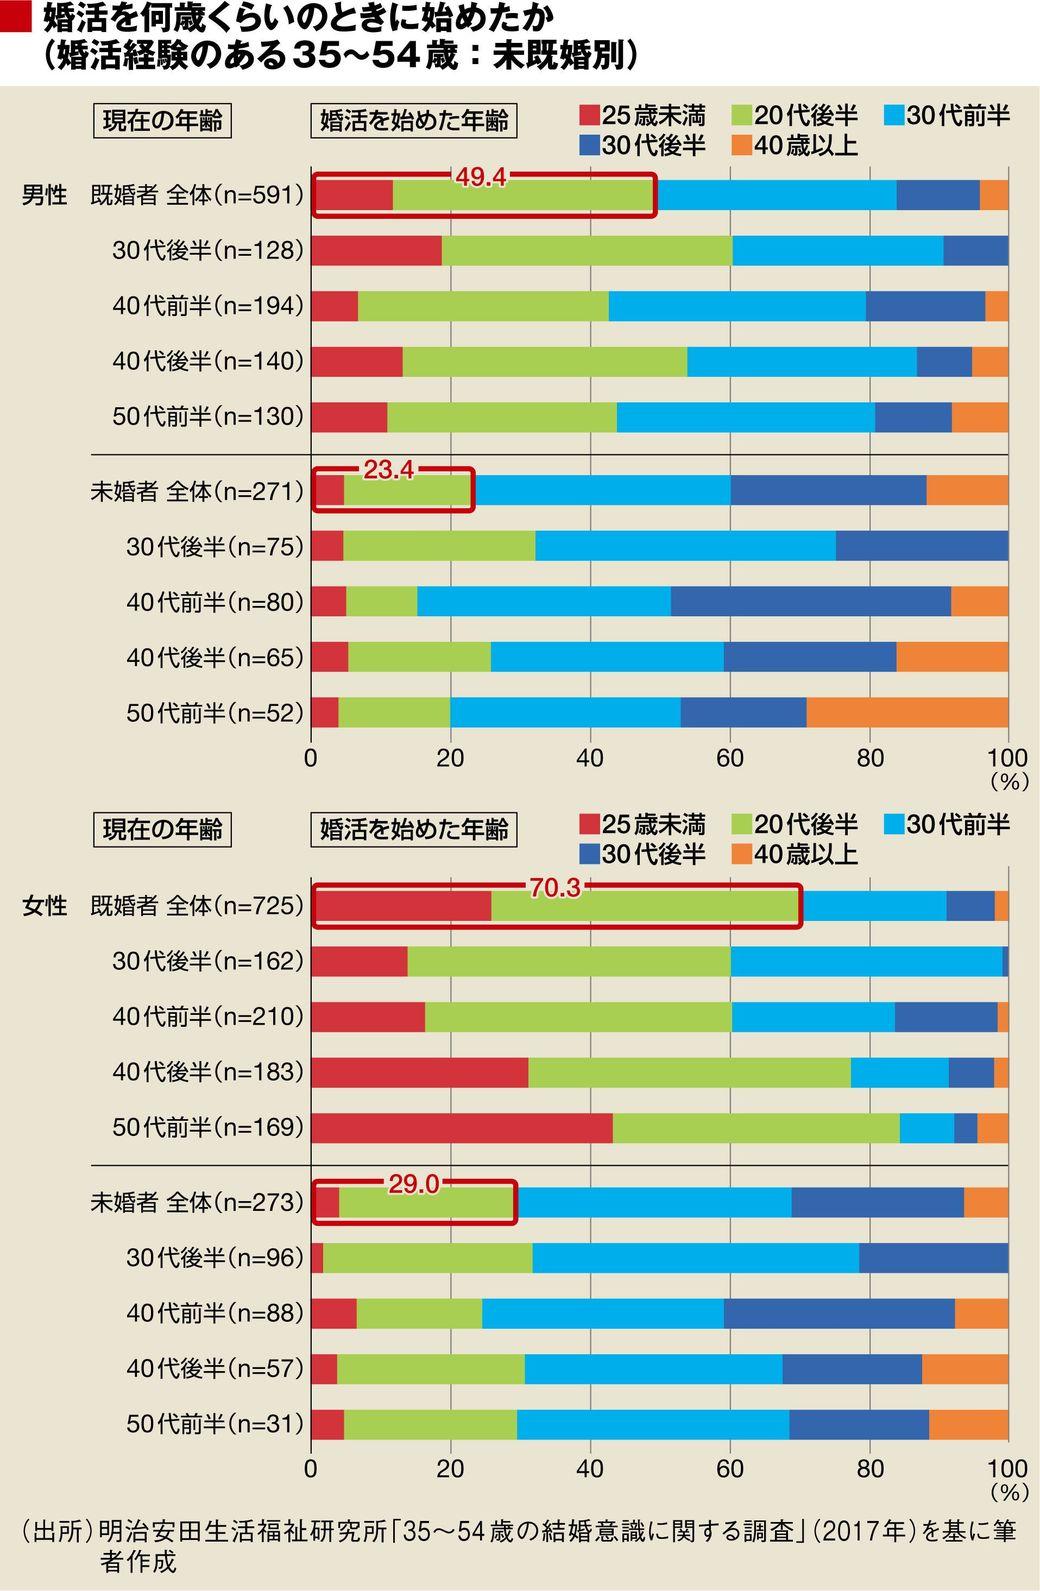 「婚活開始の年齢」が結婚の成否を分けている | 恋愛・結婚 | 東洋経済オンライン | 経済ニュースの新基準